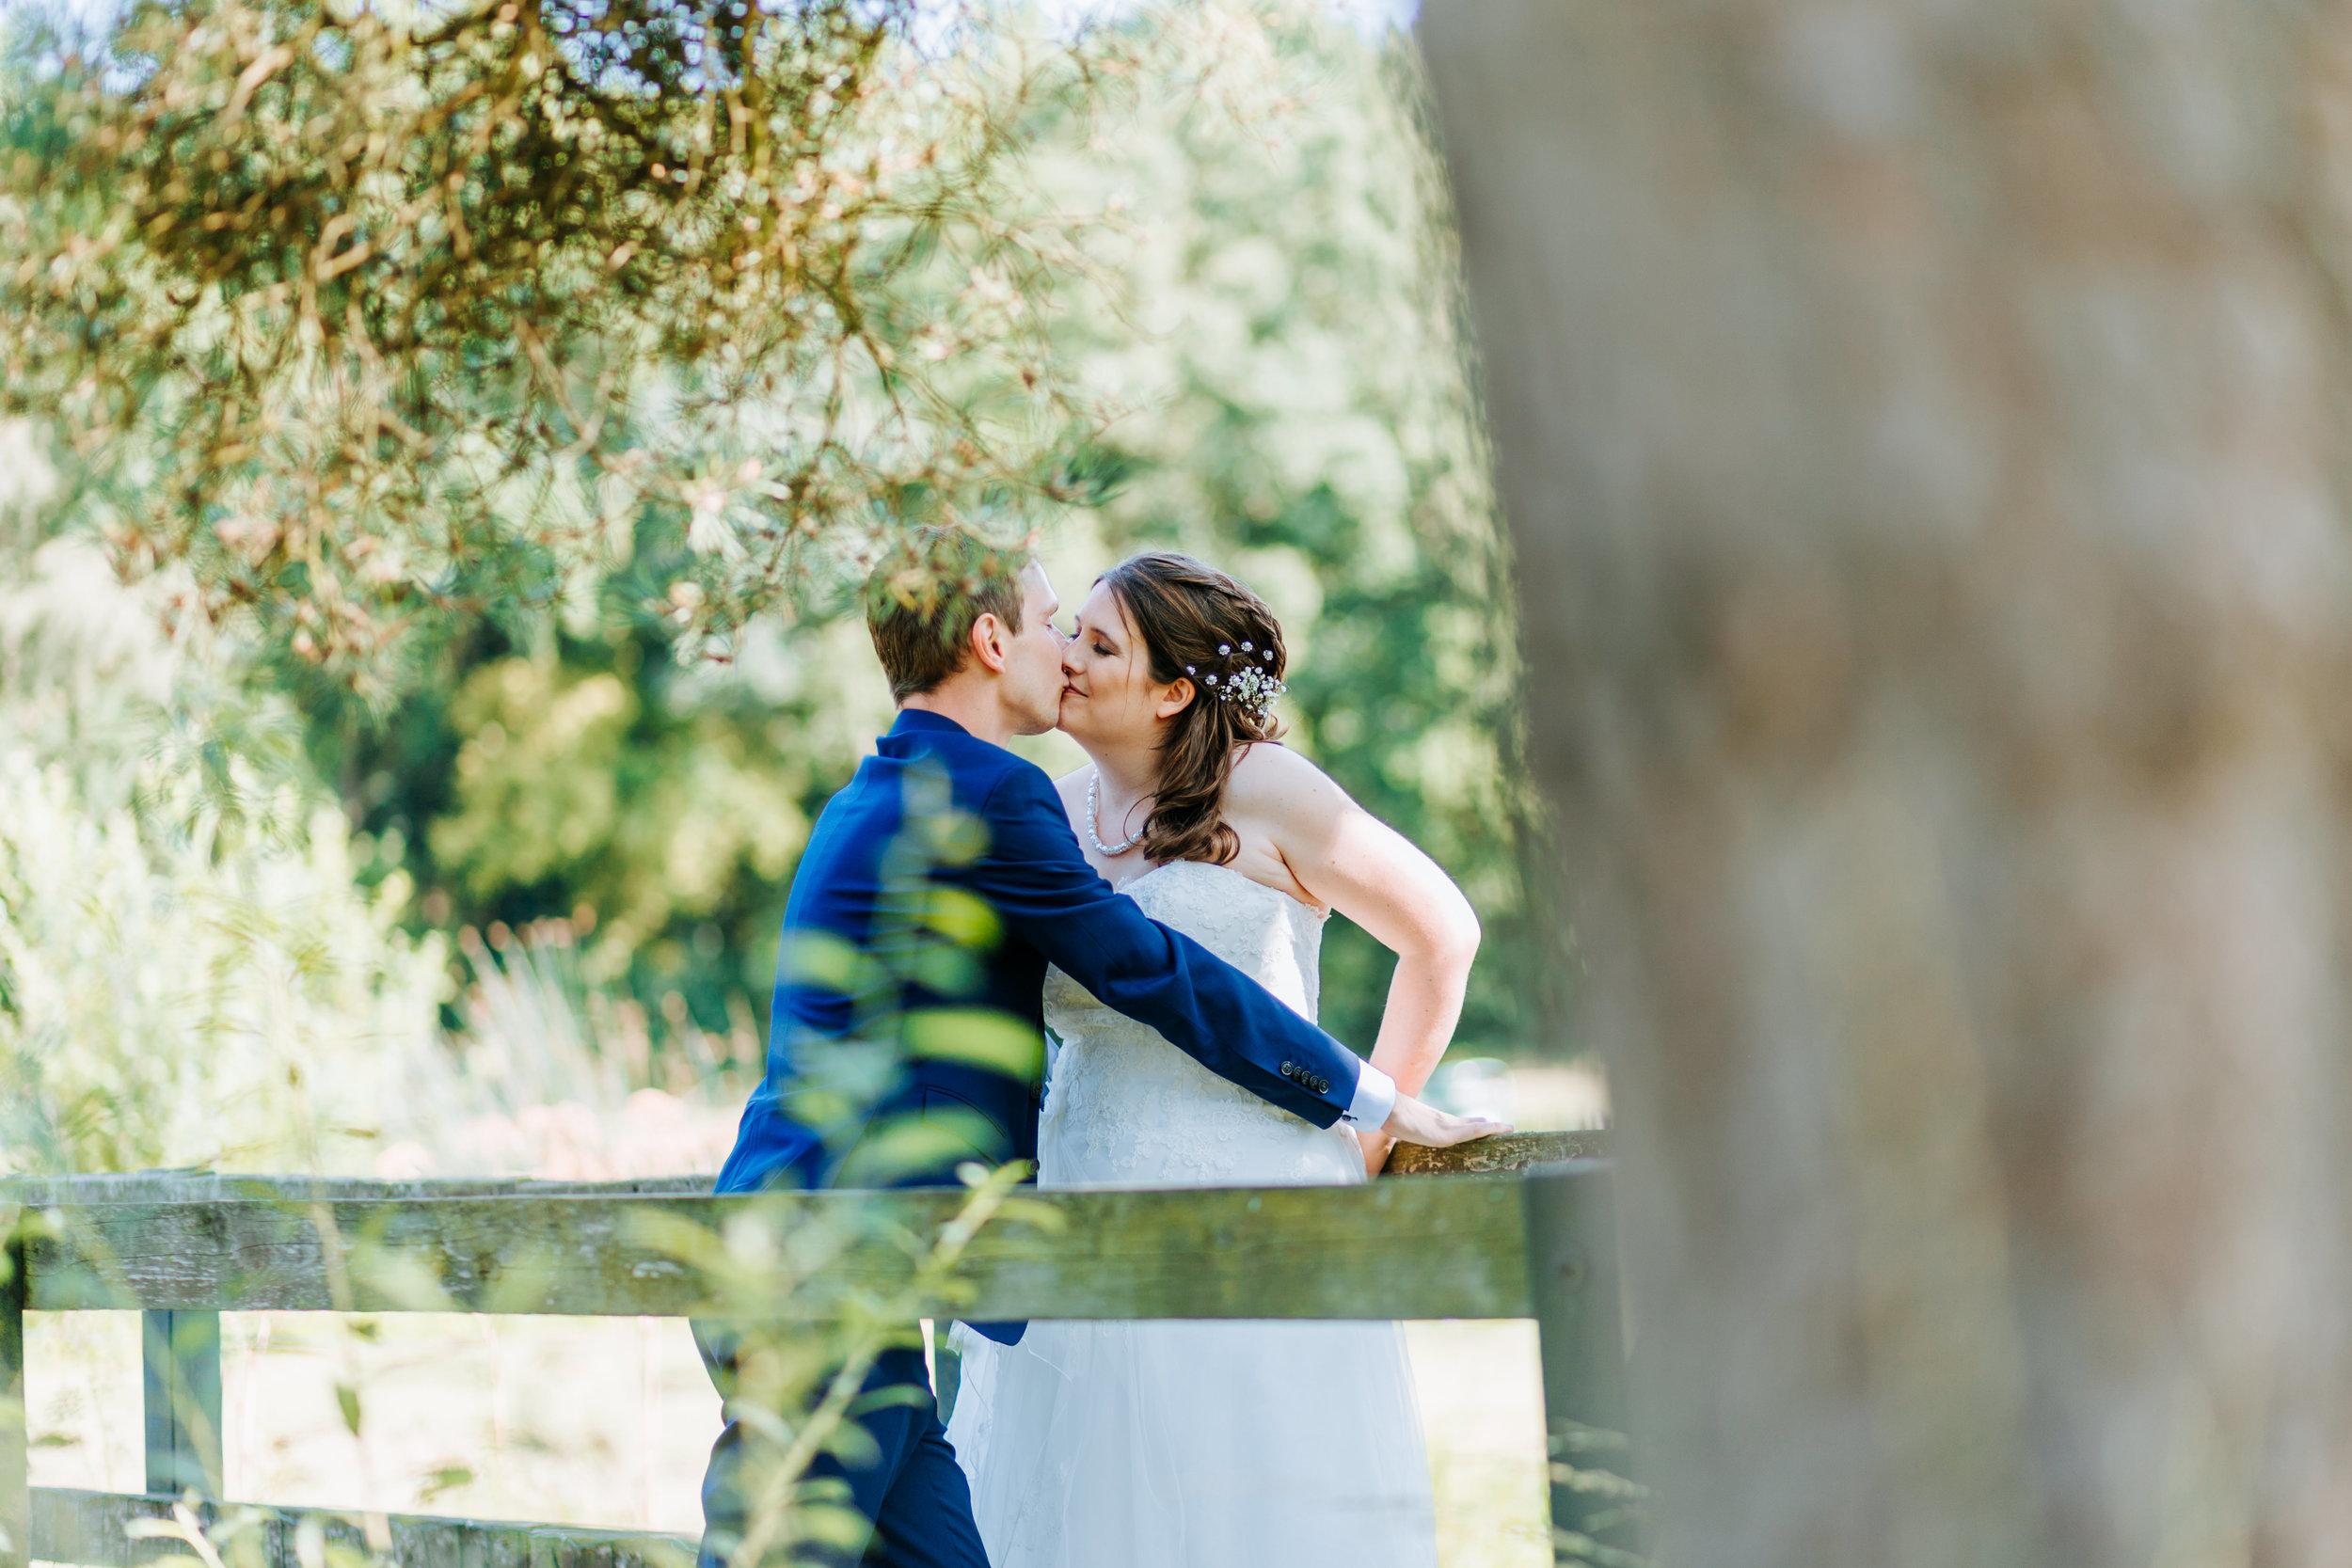 Tim & Katleen - Huwelijk - 31 augustus 2019